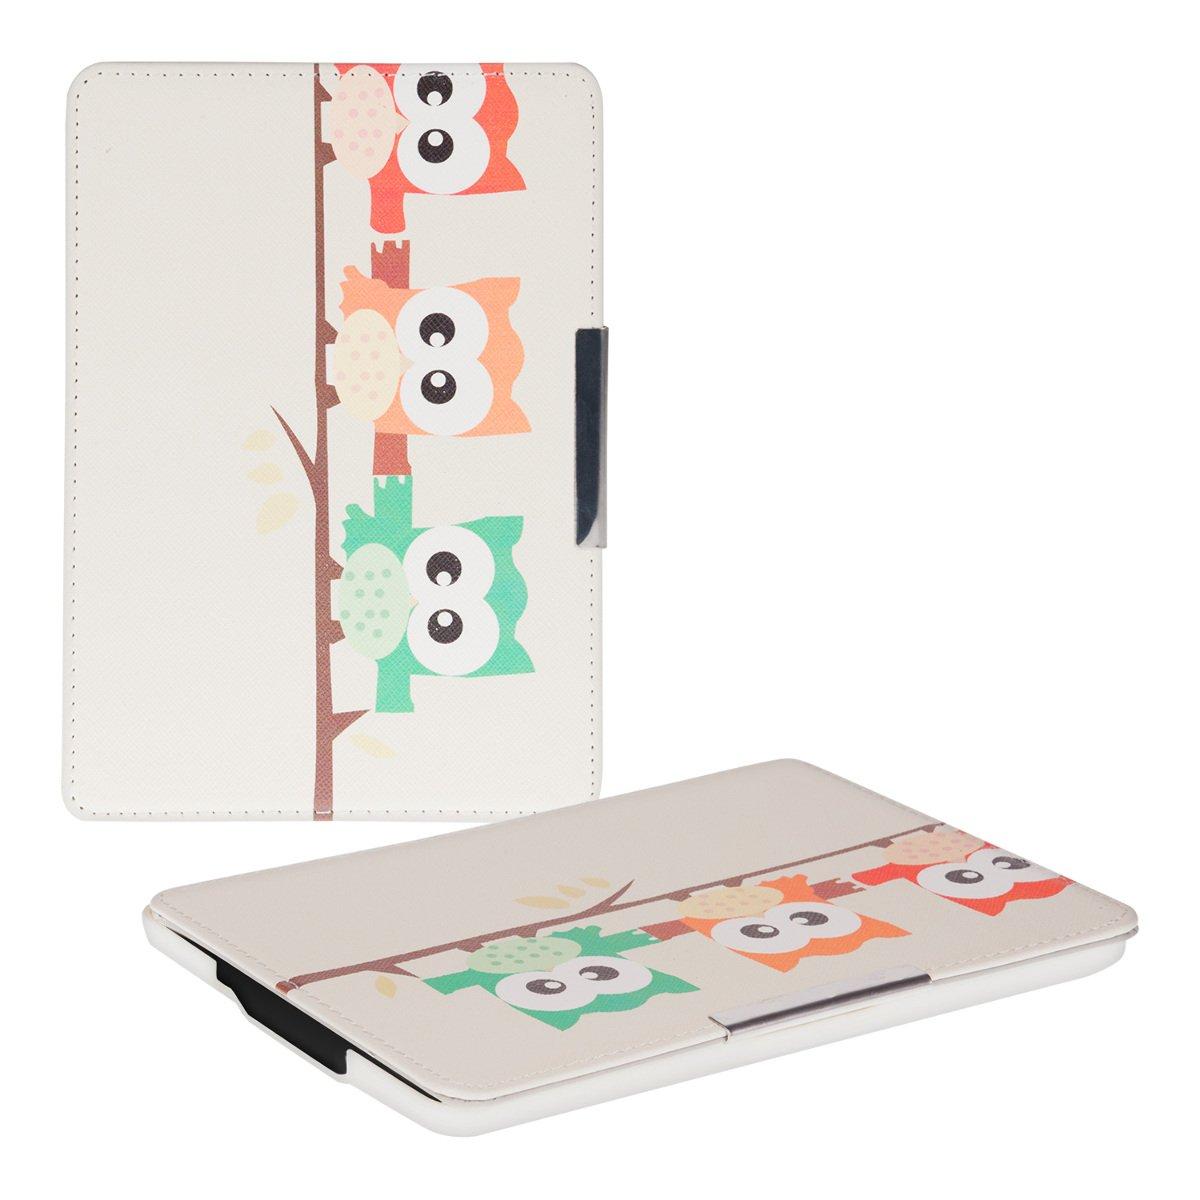 kwmobile® Elegante funda de cuero para el Amazon Kindle Paperwhite (2012 / 2013 / 2014) en Diseño de búho Blanco con un práctico cierre magnético  Electrónica Comentarios de clientes y más información